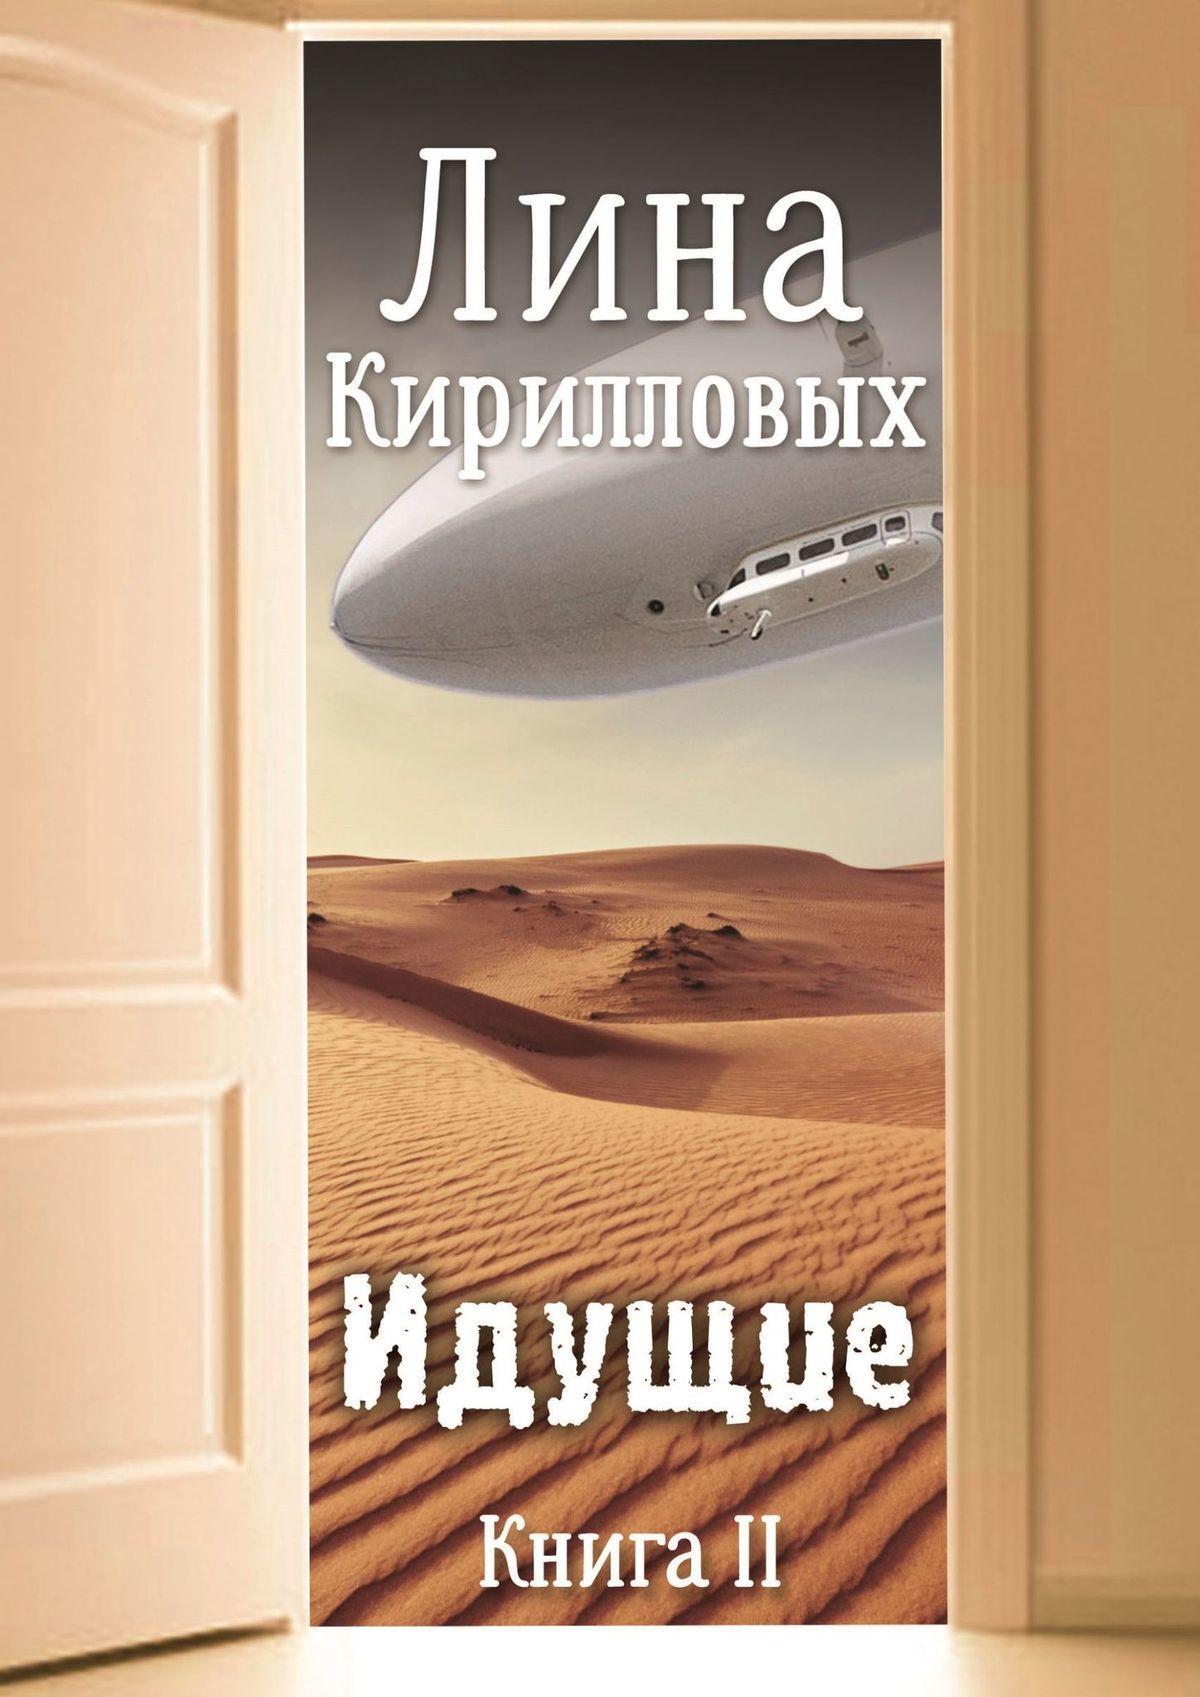 Идущие. Книга II